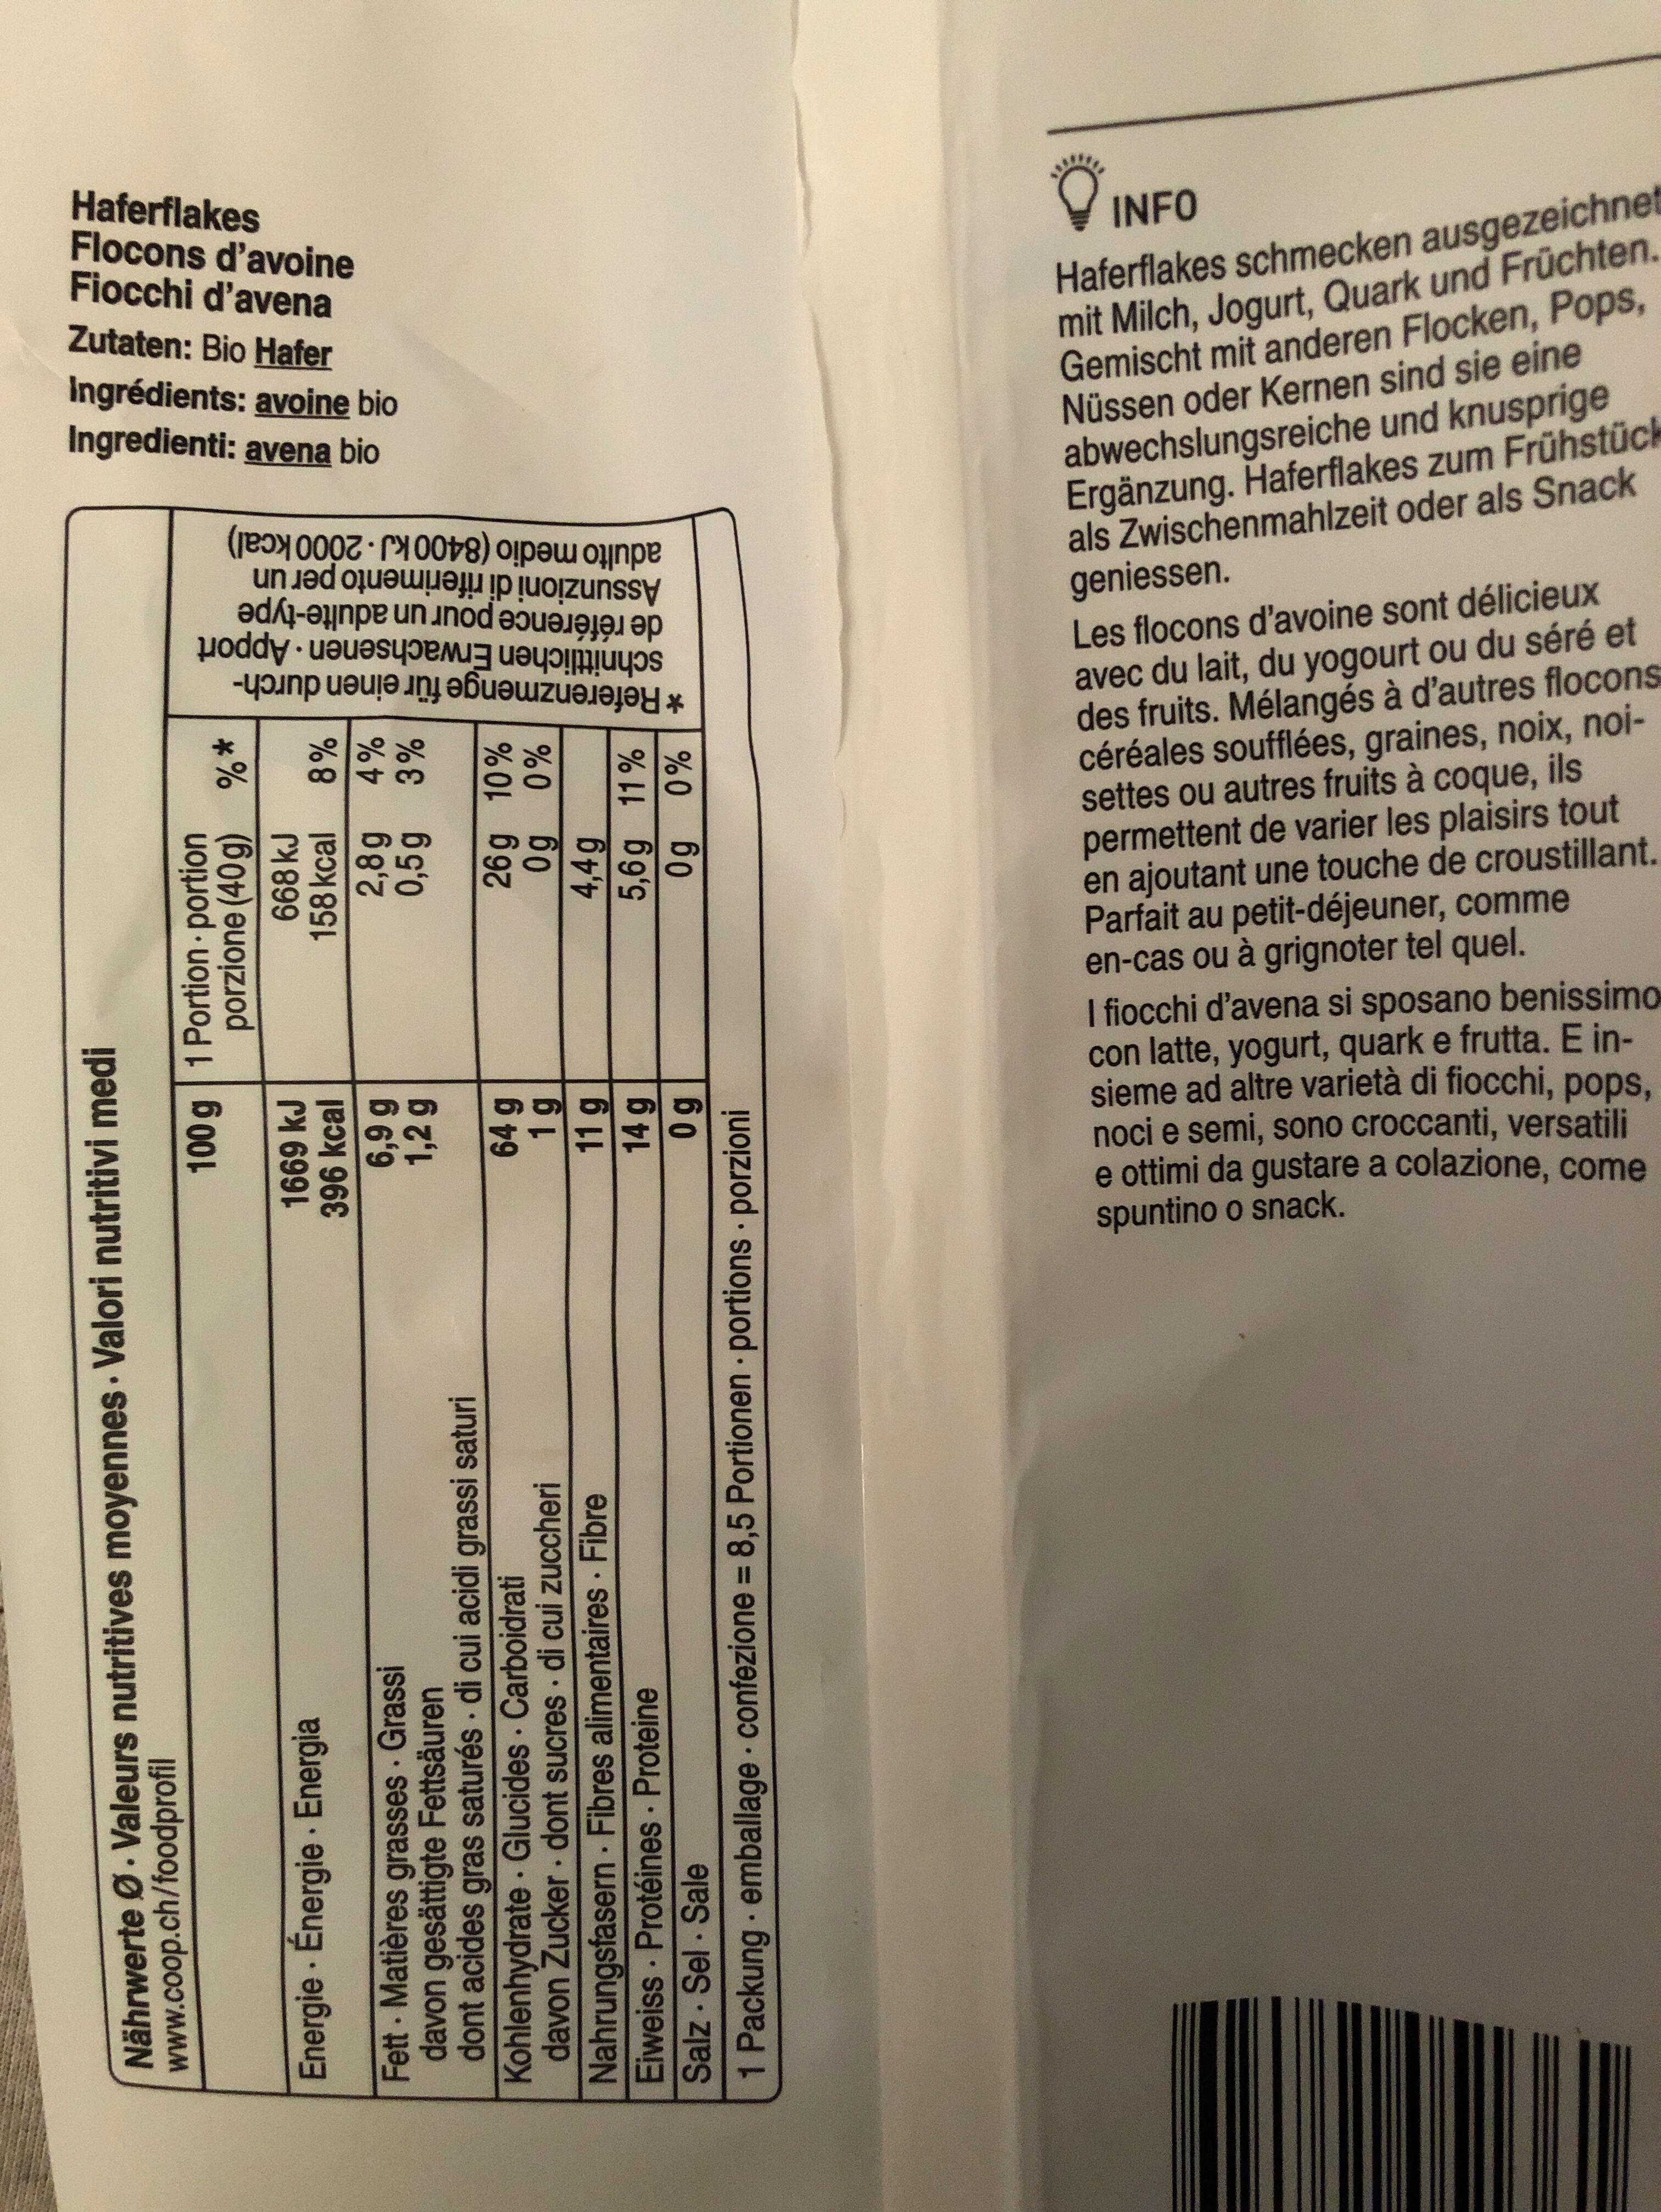 Haferflakes - Ingredients